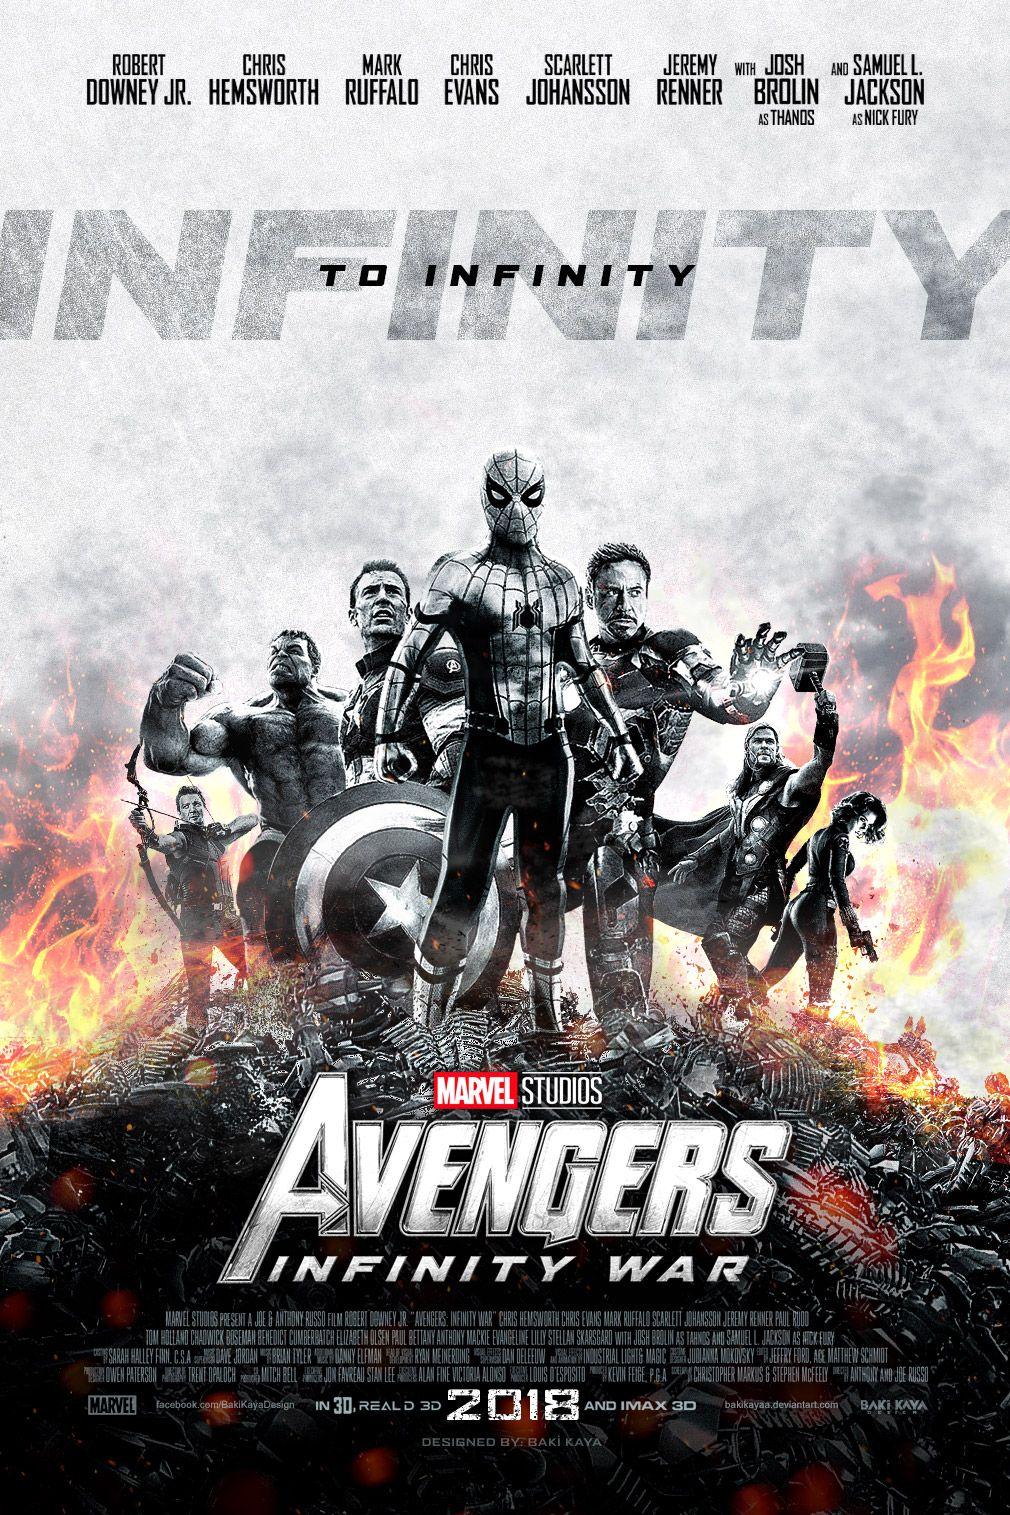 Best Scott Lang Infinity War Wallpaper - 2e97ddc88466e1d18e4f32938070f6b5  Photograph_559640 .jpg